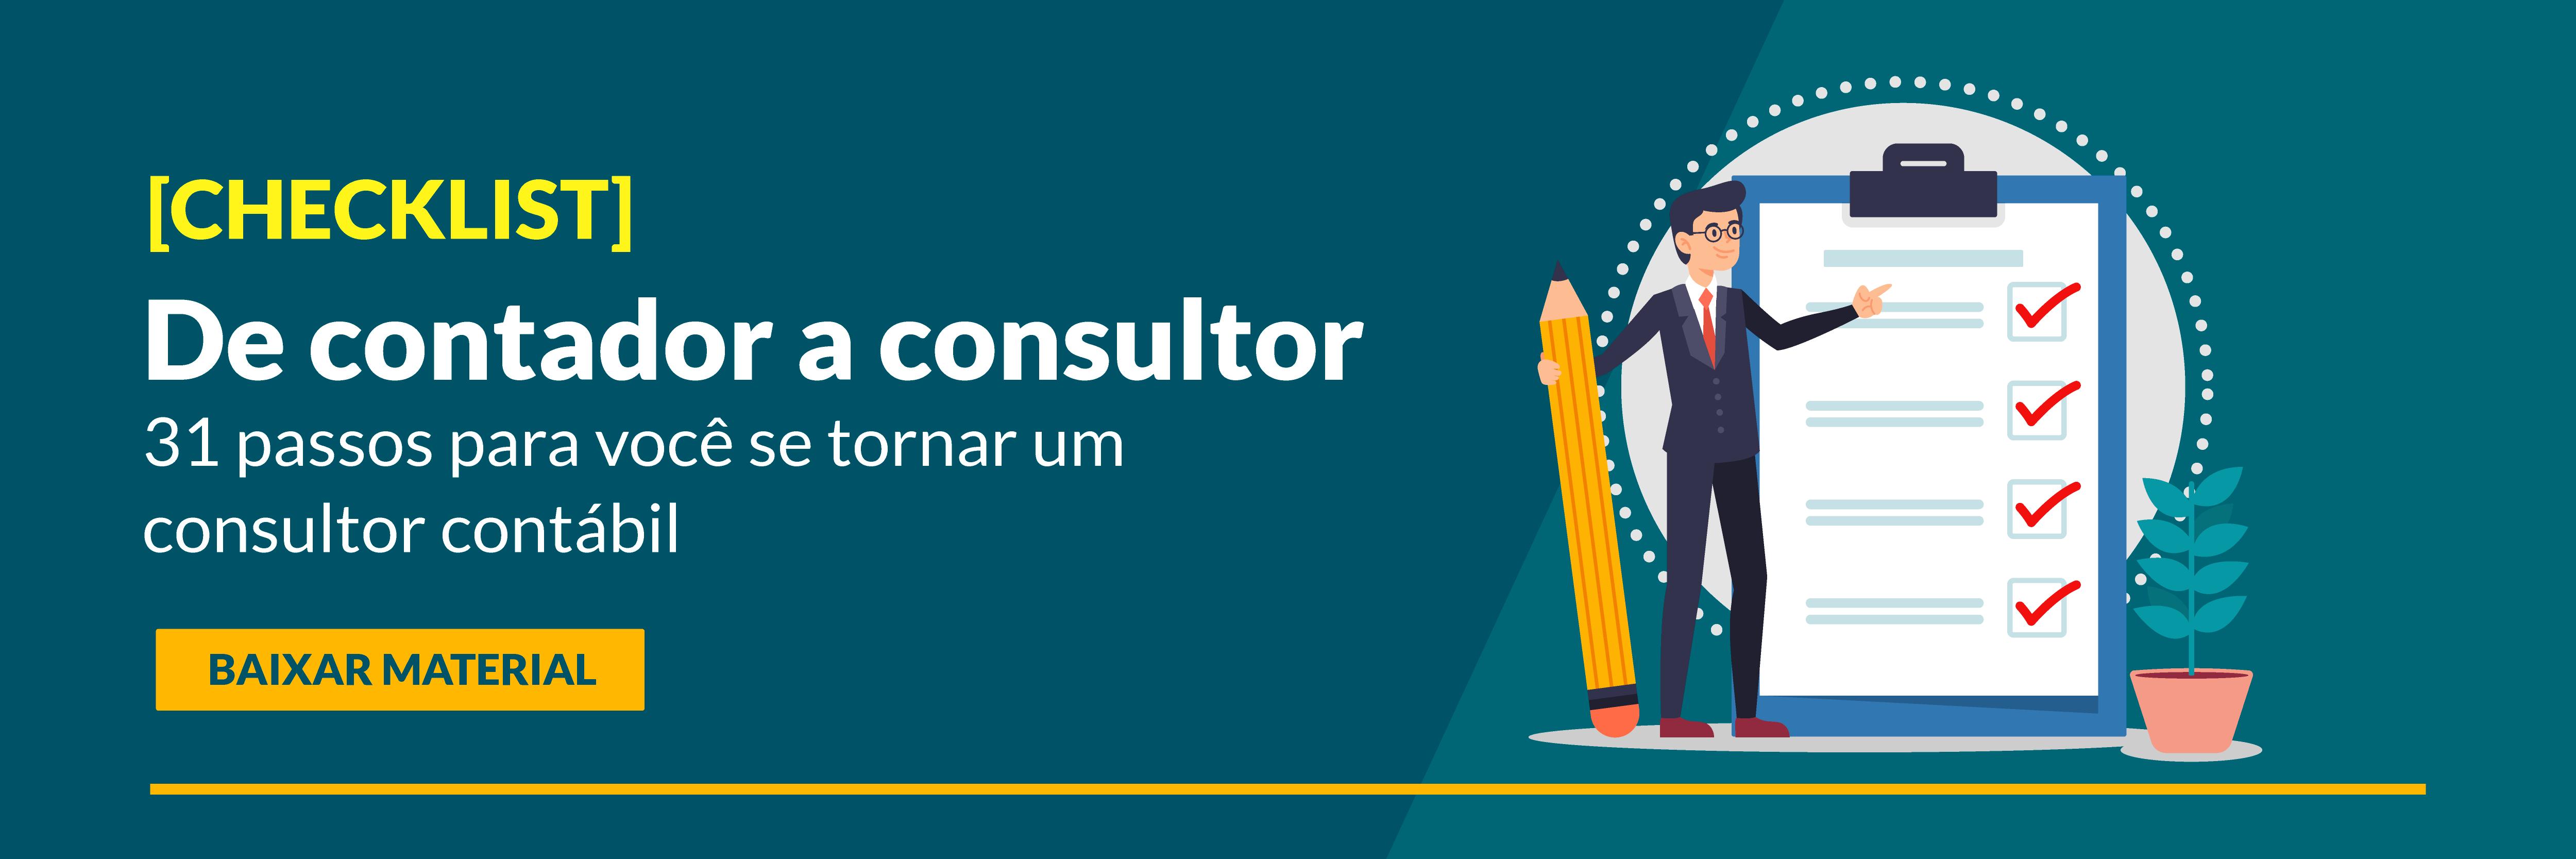 Quer saber como potencializar o capital intelectual da sua empresa? 2